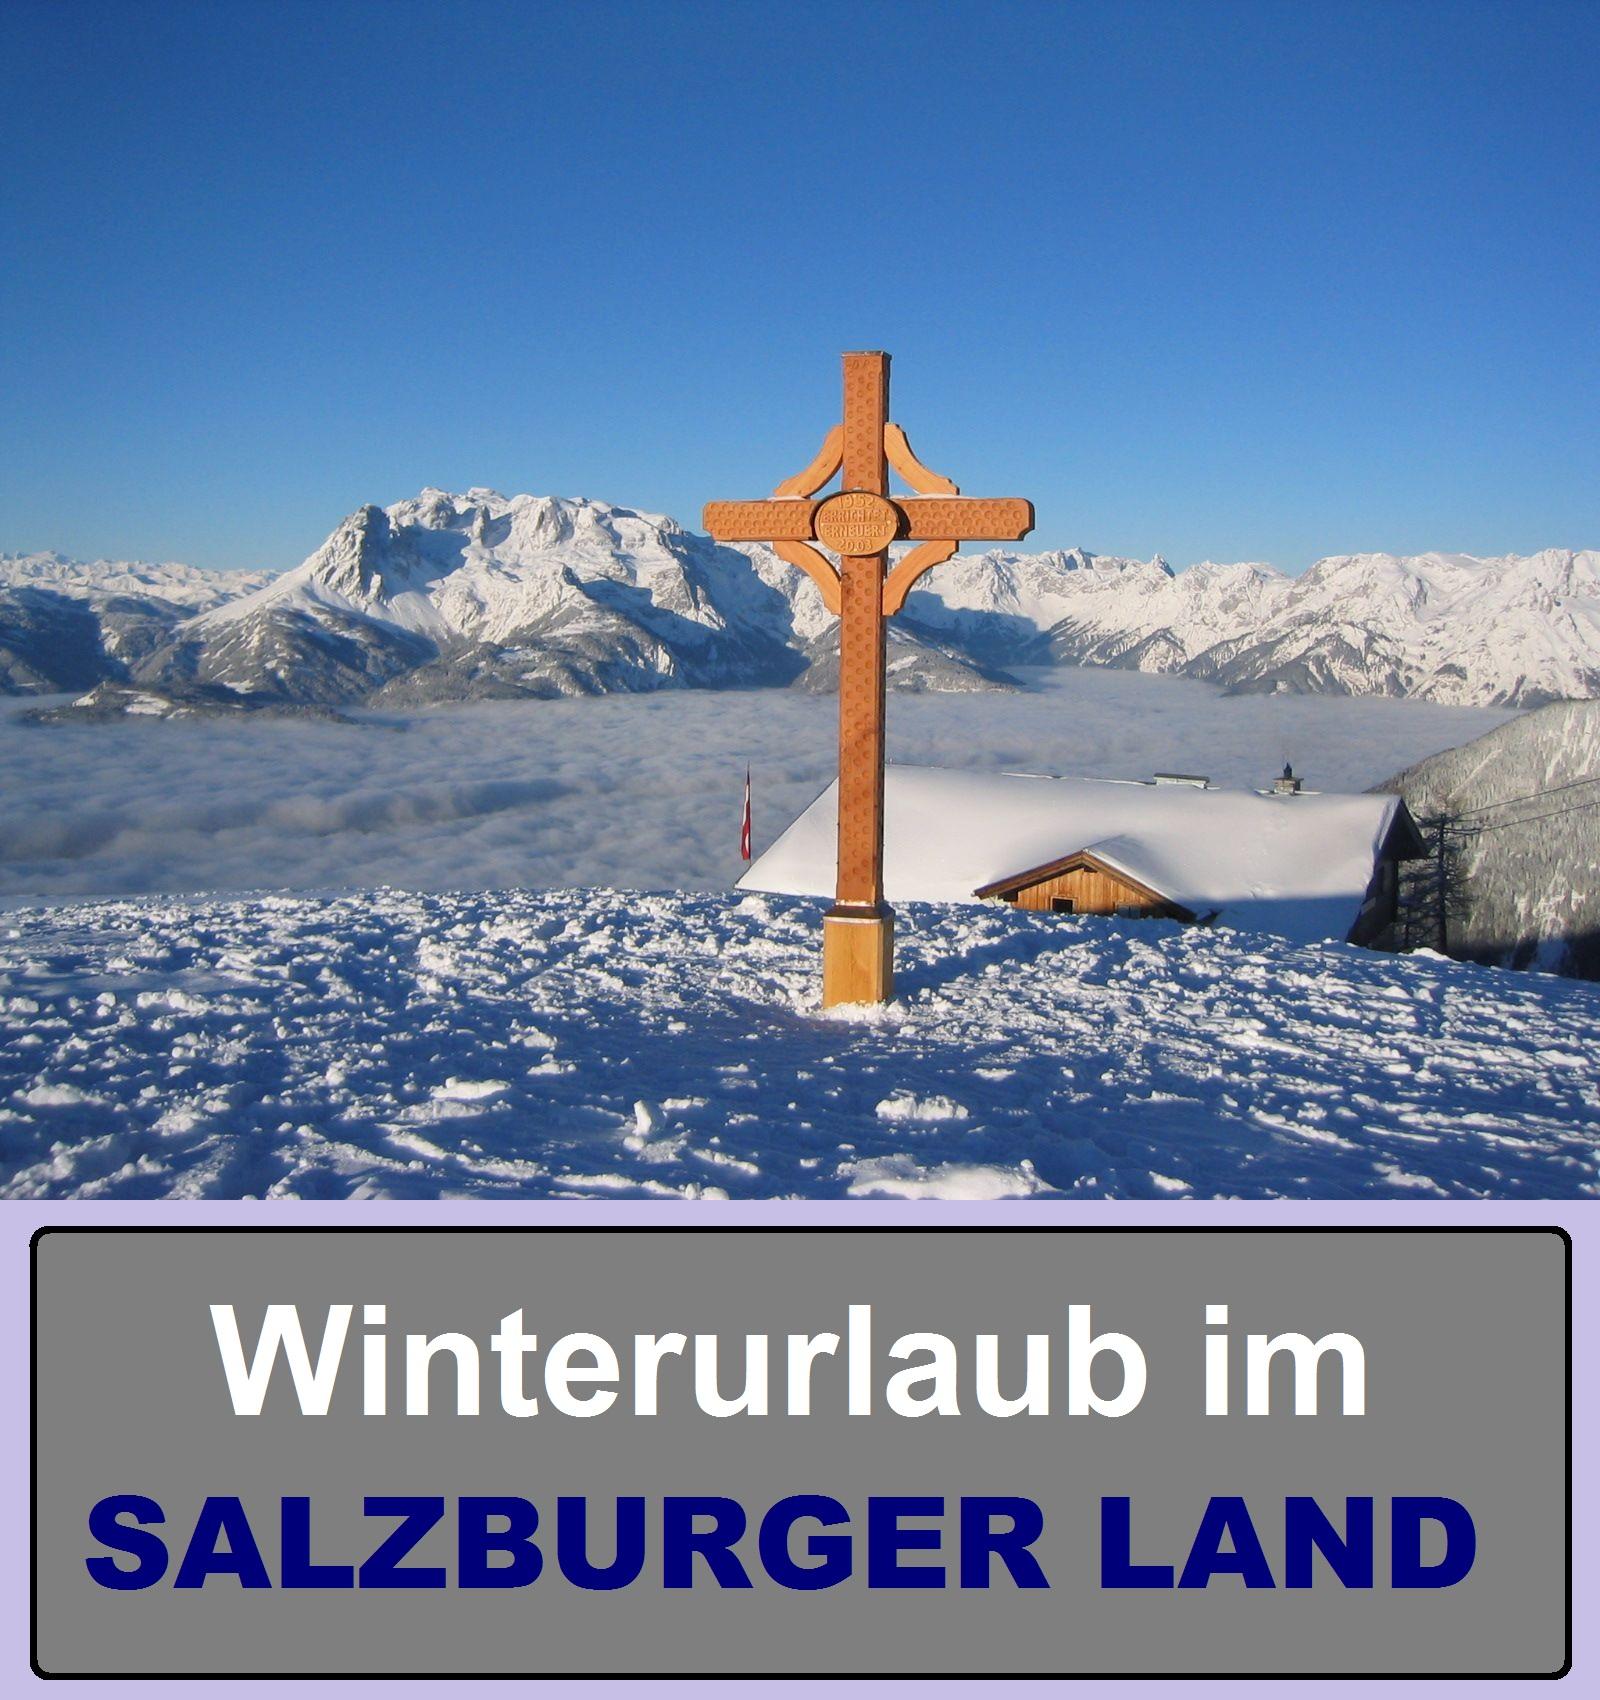 http://www.hotelelisabeth.at/media/Kurzfristige%20Bilder/2015/winterurlaub.jpg